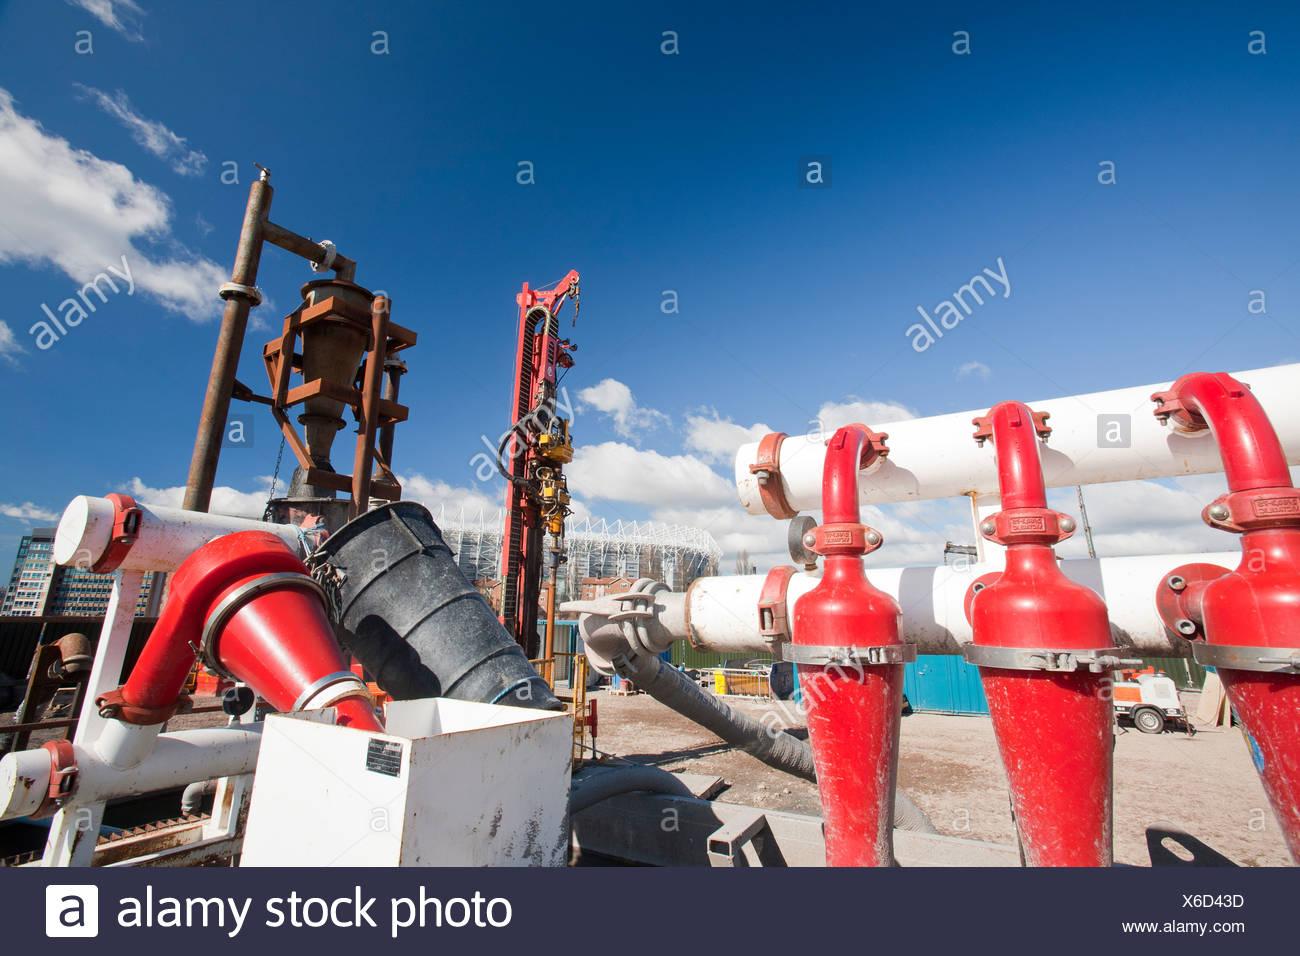 Un proyecto de energía geotérmica de la Universidad de Newcastle, financiado por el Ministerio de Energía y Cambio Climático. Imagen De Stock